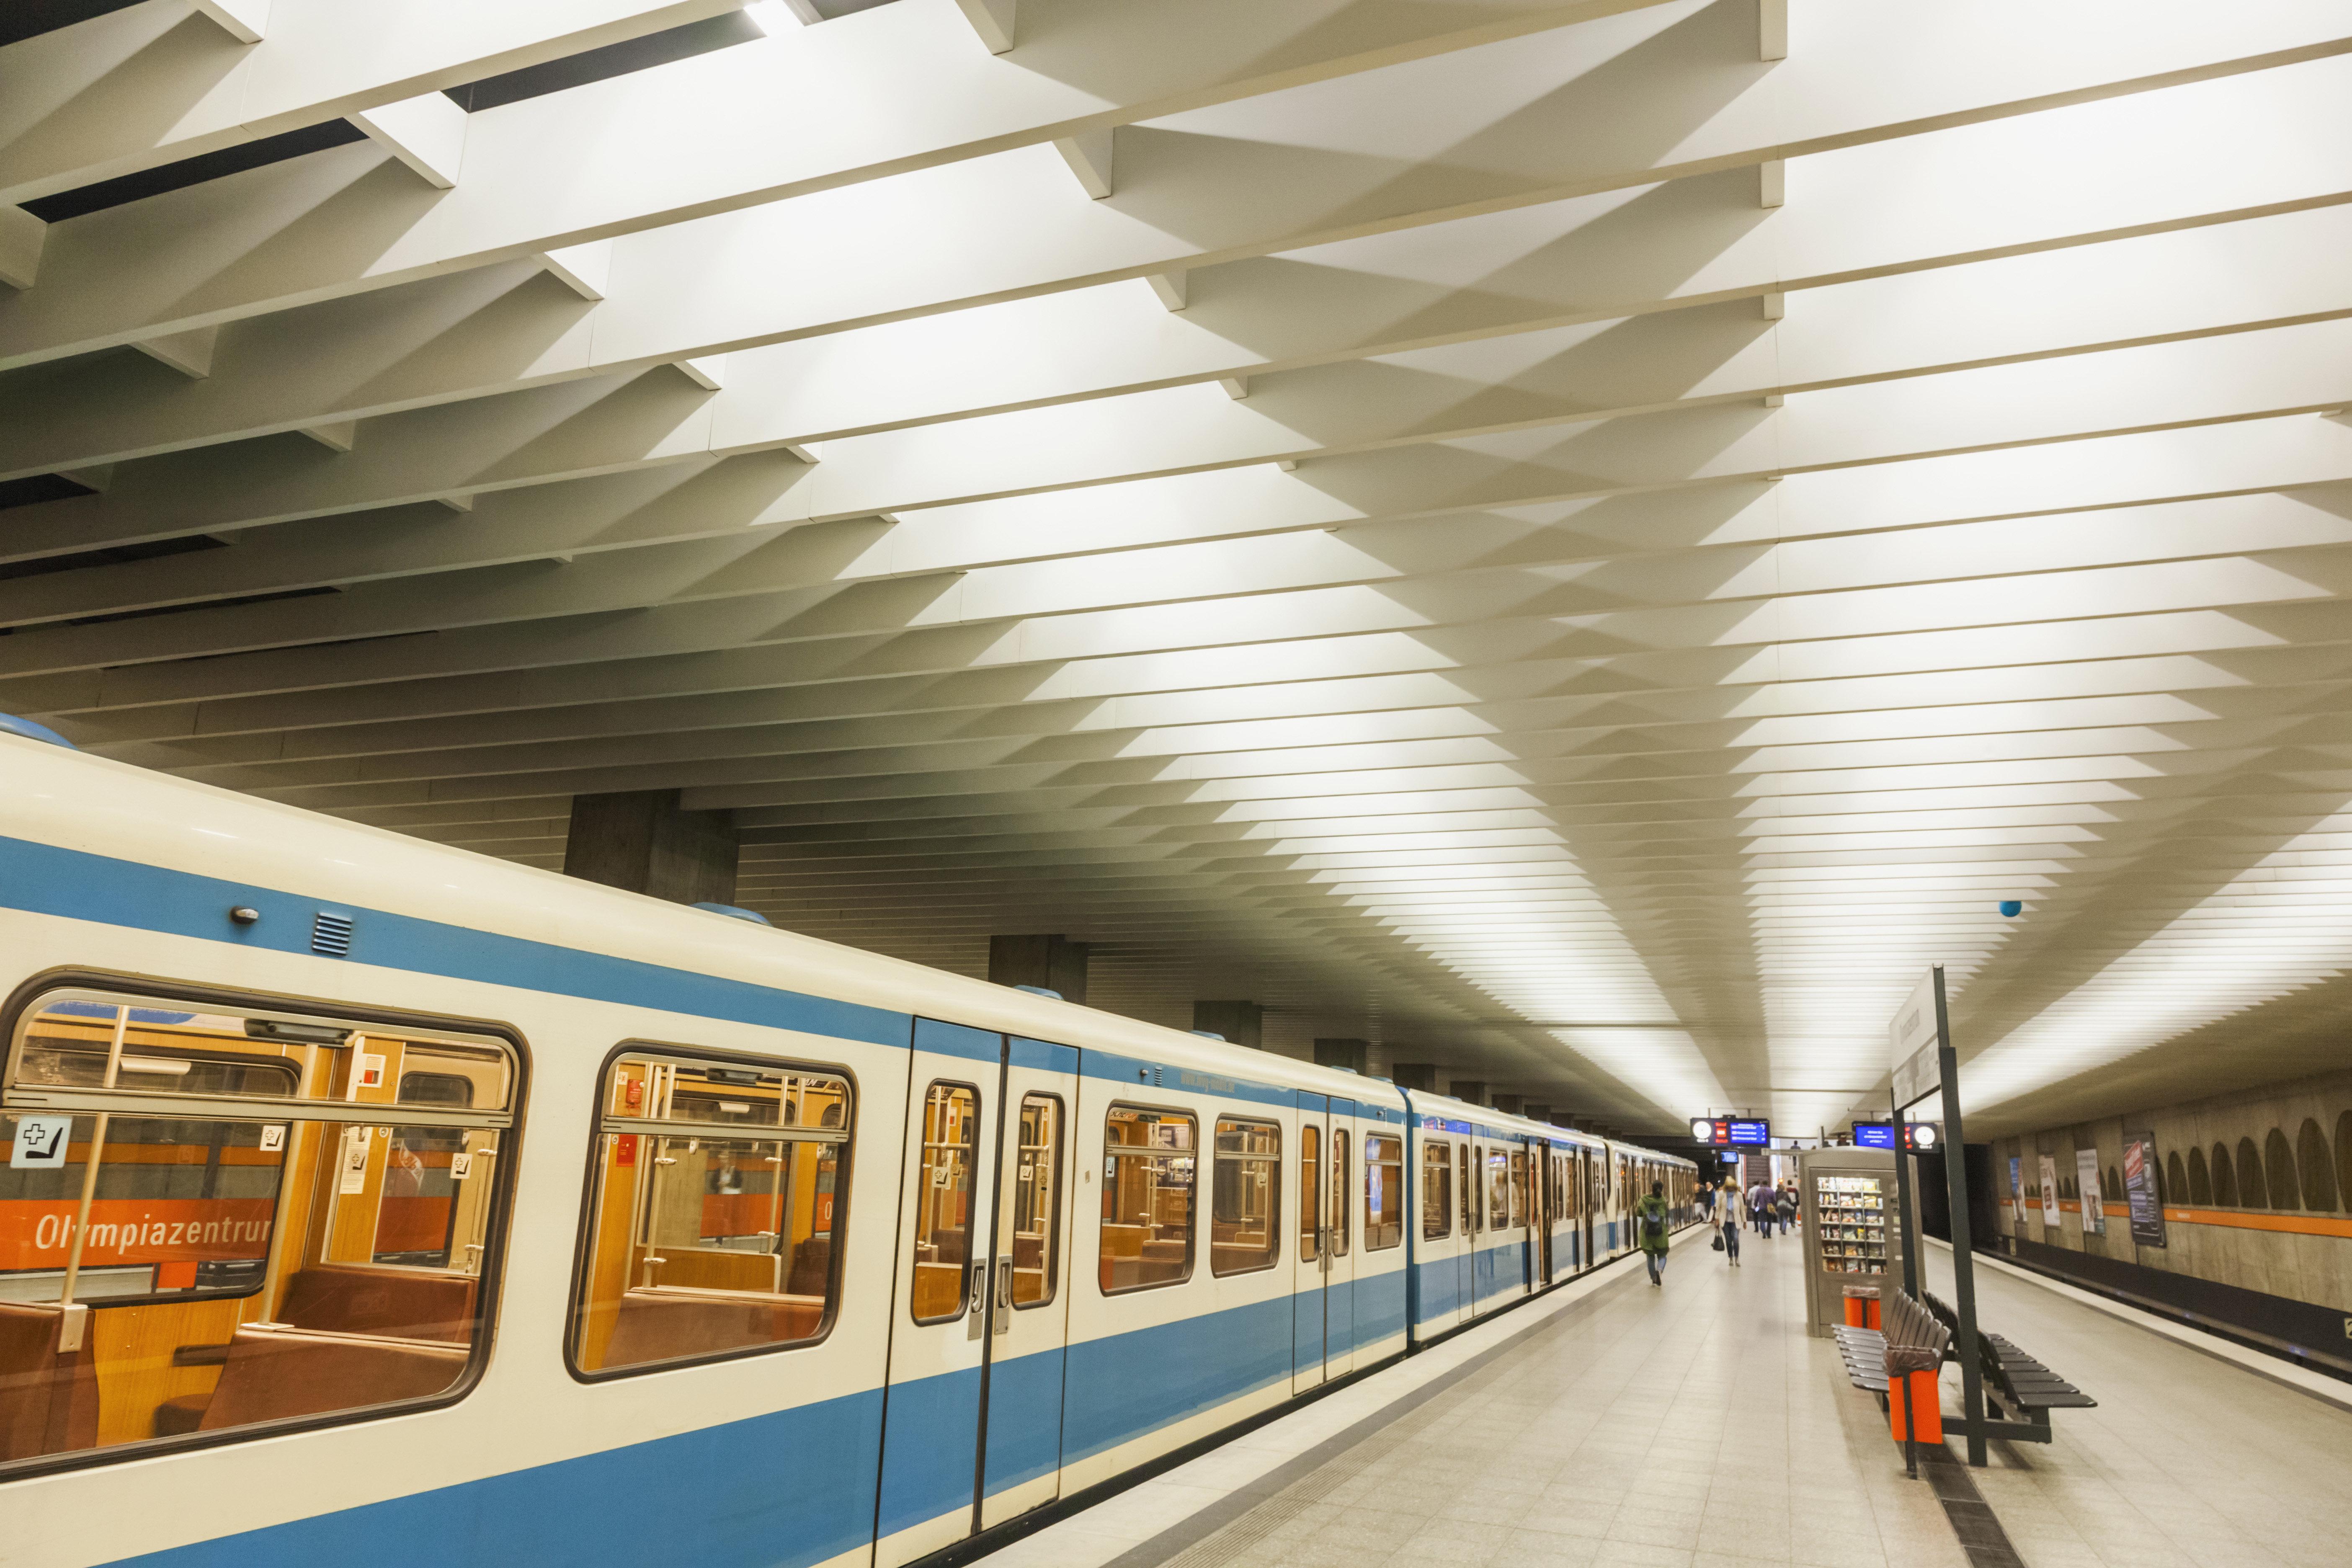 Der Missbrauch soll Mitte Juni in einem Waggon der Münchner U-Bahn stattgefunden haben.